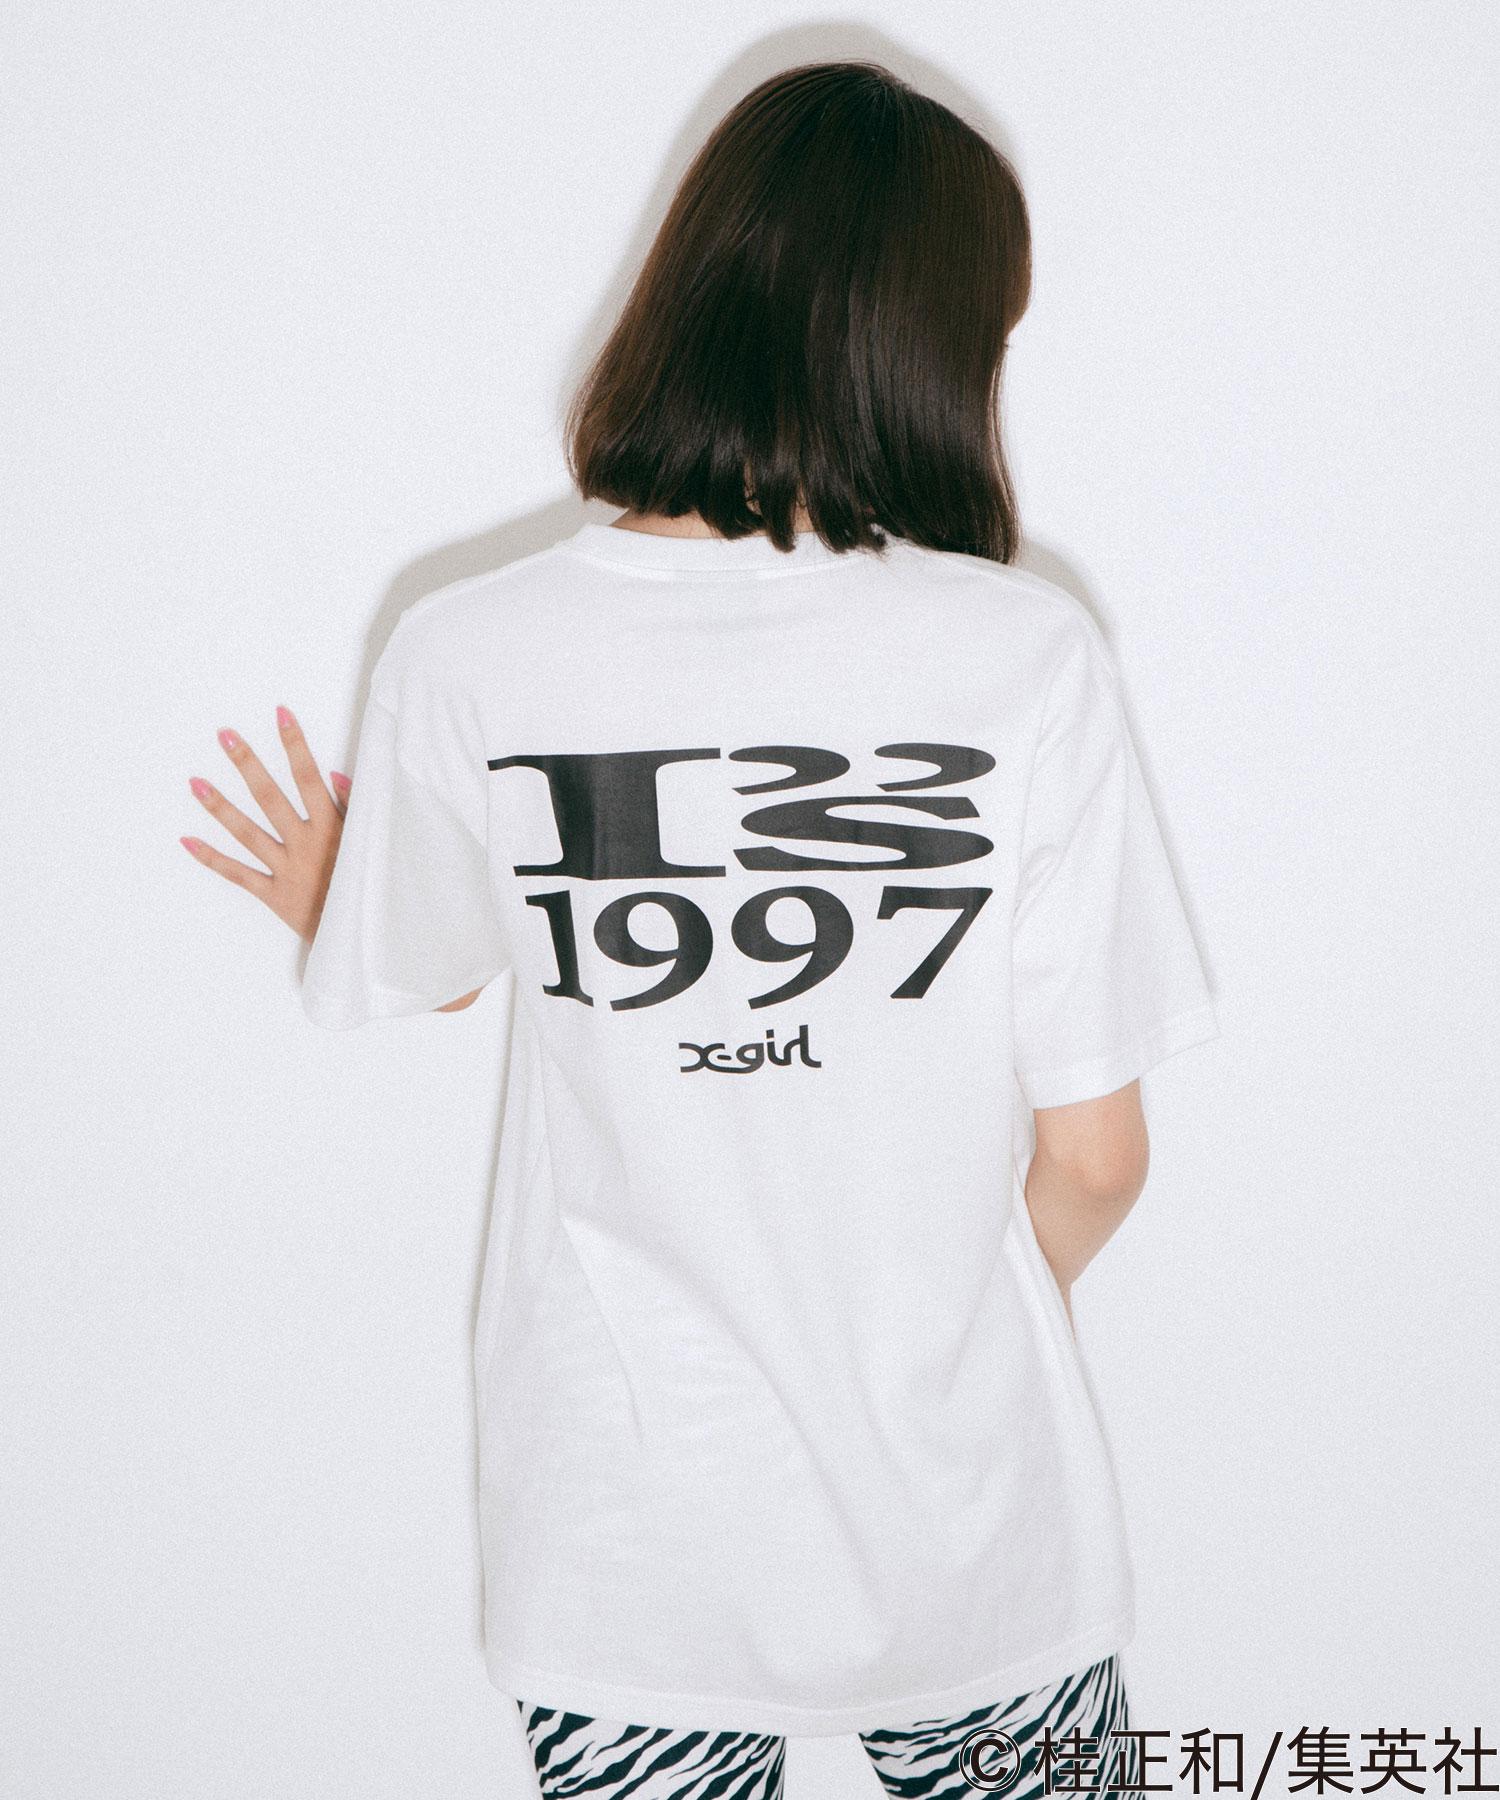 """【公式】X-girlエックスガールX-girl×KATSURAMASAKAZUI""""sIORIGRAVURES/STEETシャツトップスプリントロゴショートスリーブコラボ"""